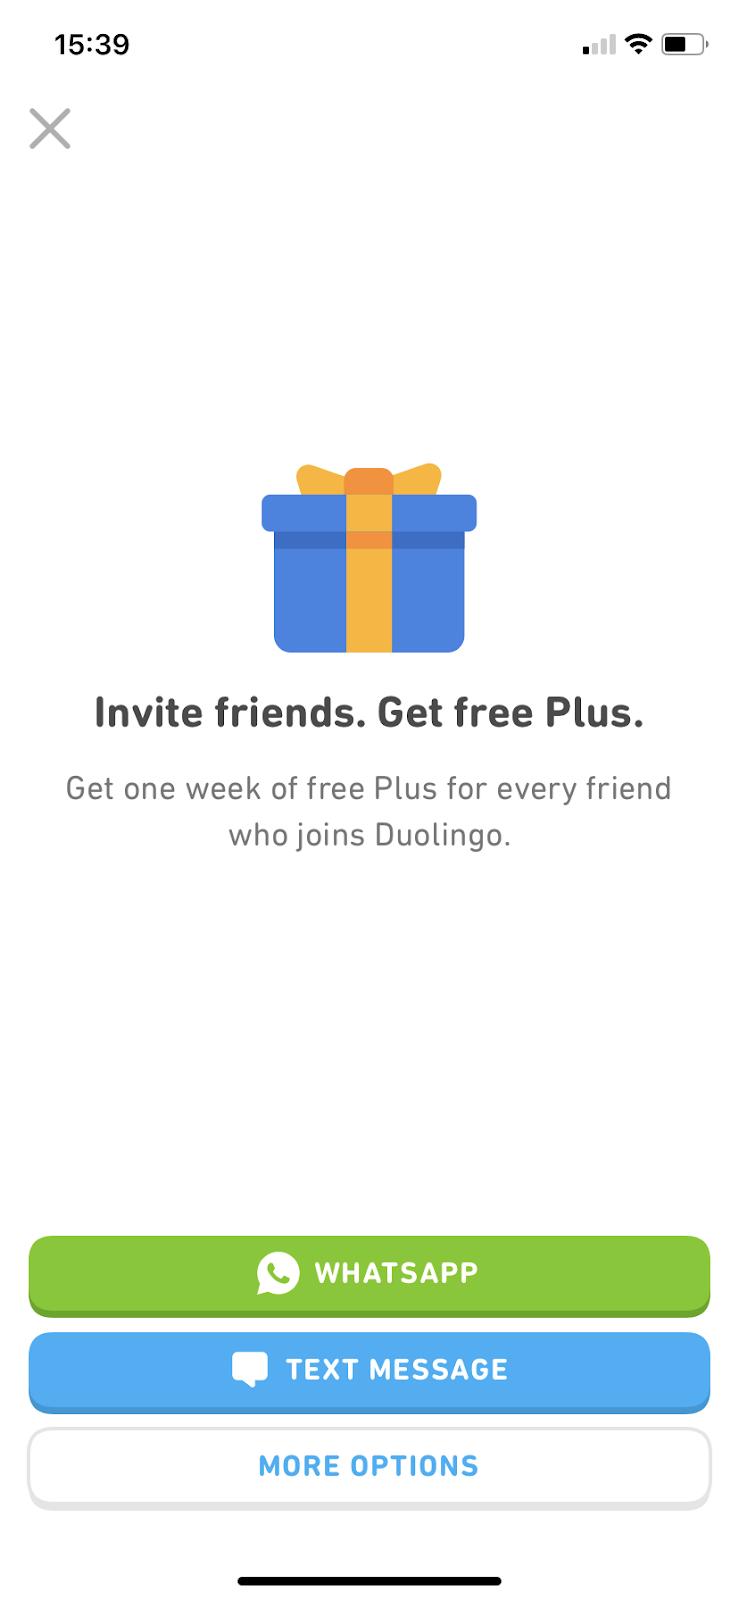 duolingo invite a friend campaign deep linking ctas